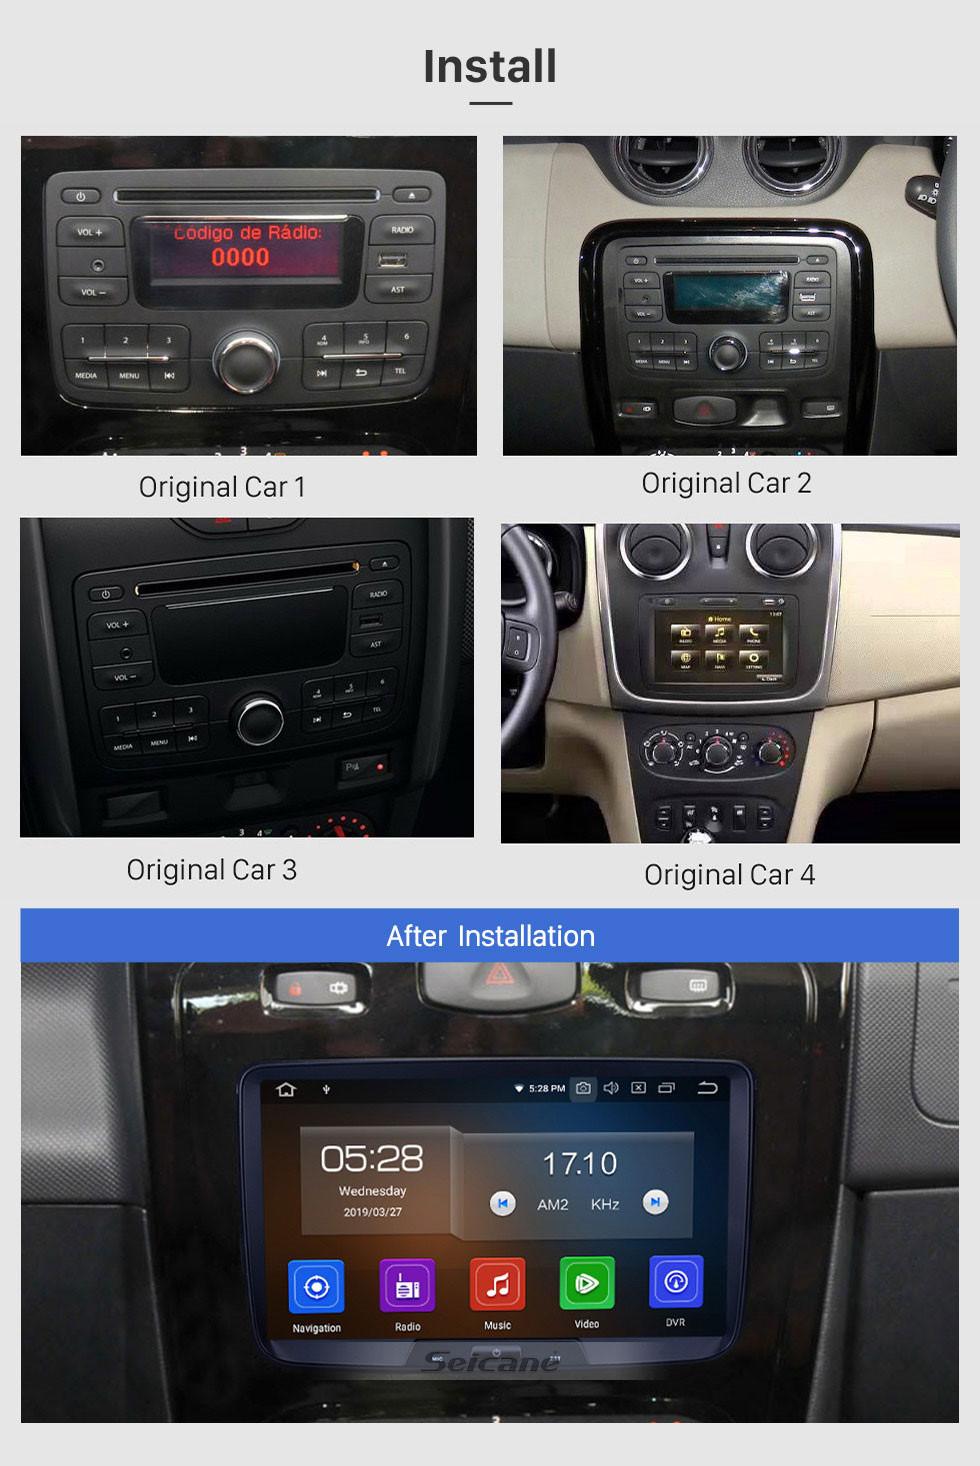 Seicane OEM Android 9.0 HD 1024 * 600 système de navigation GPS à écran tactile pour 2014 2015 2016 RENAULT Duster Deckless avec Radio Lecteur DVD Bluetooth Musique OBD2 DVR Caméra de recul TV 1080P Vidéo 3G WIFI Commande au volant Lien USB miroir